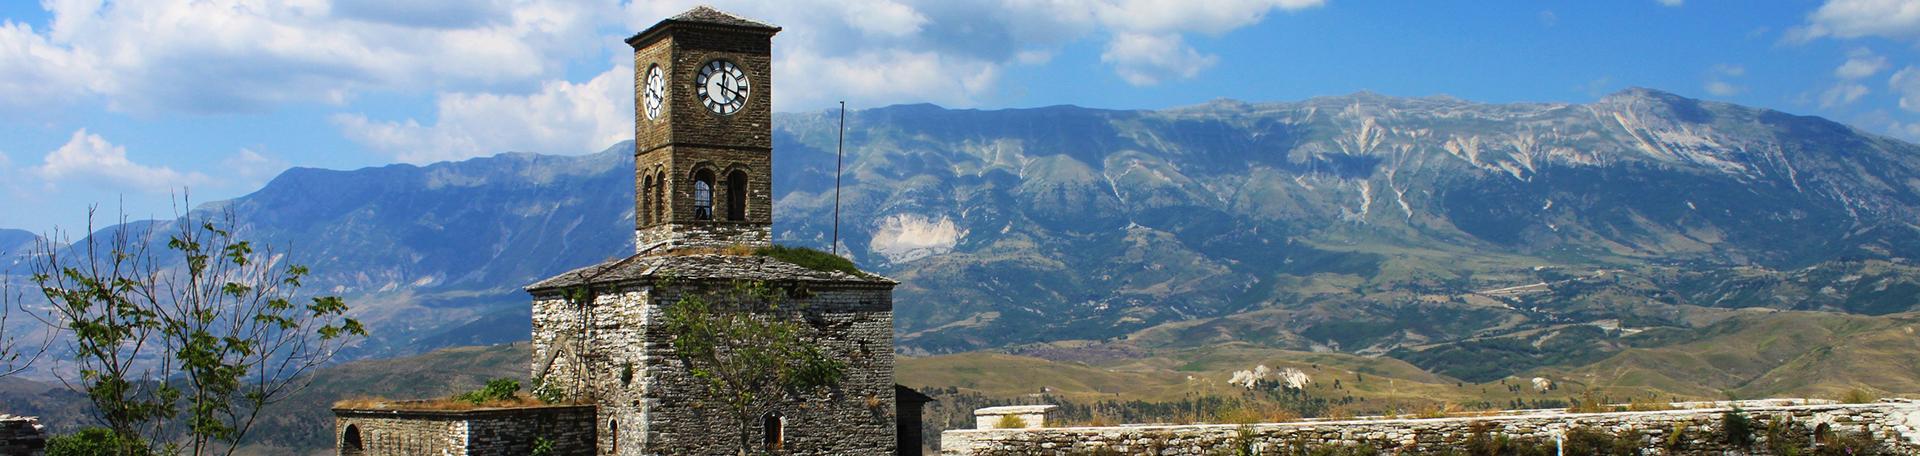 Gjirokastro castello I nostri tour Albania